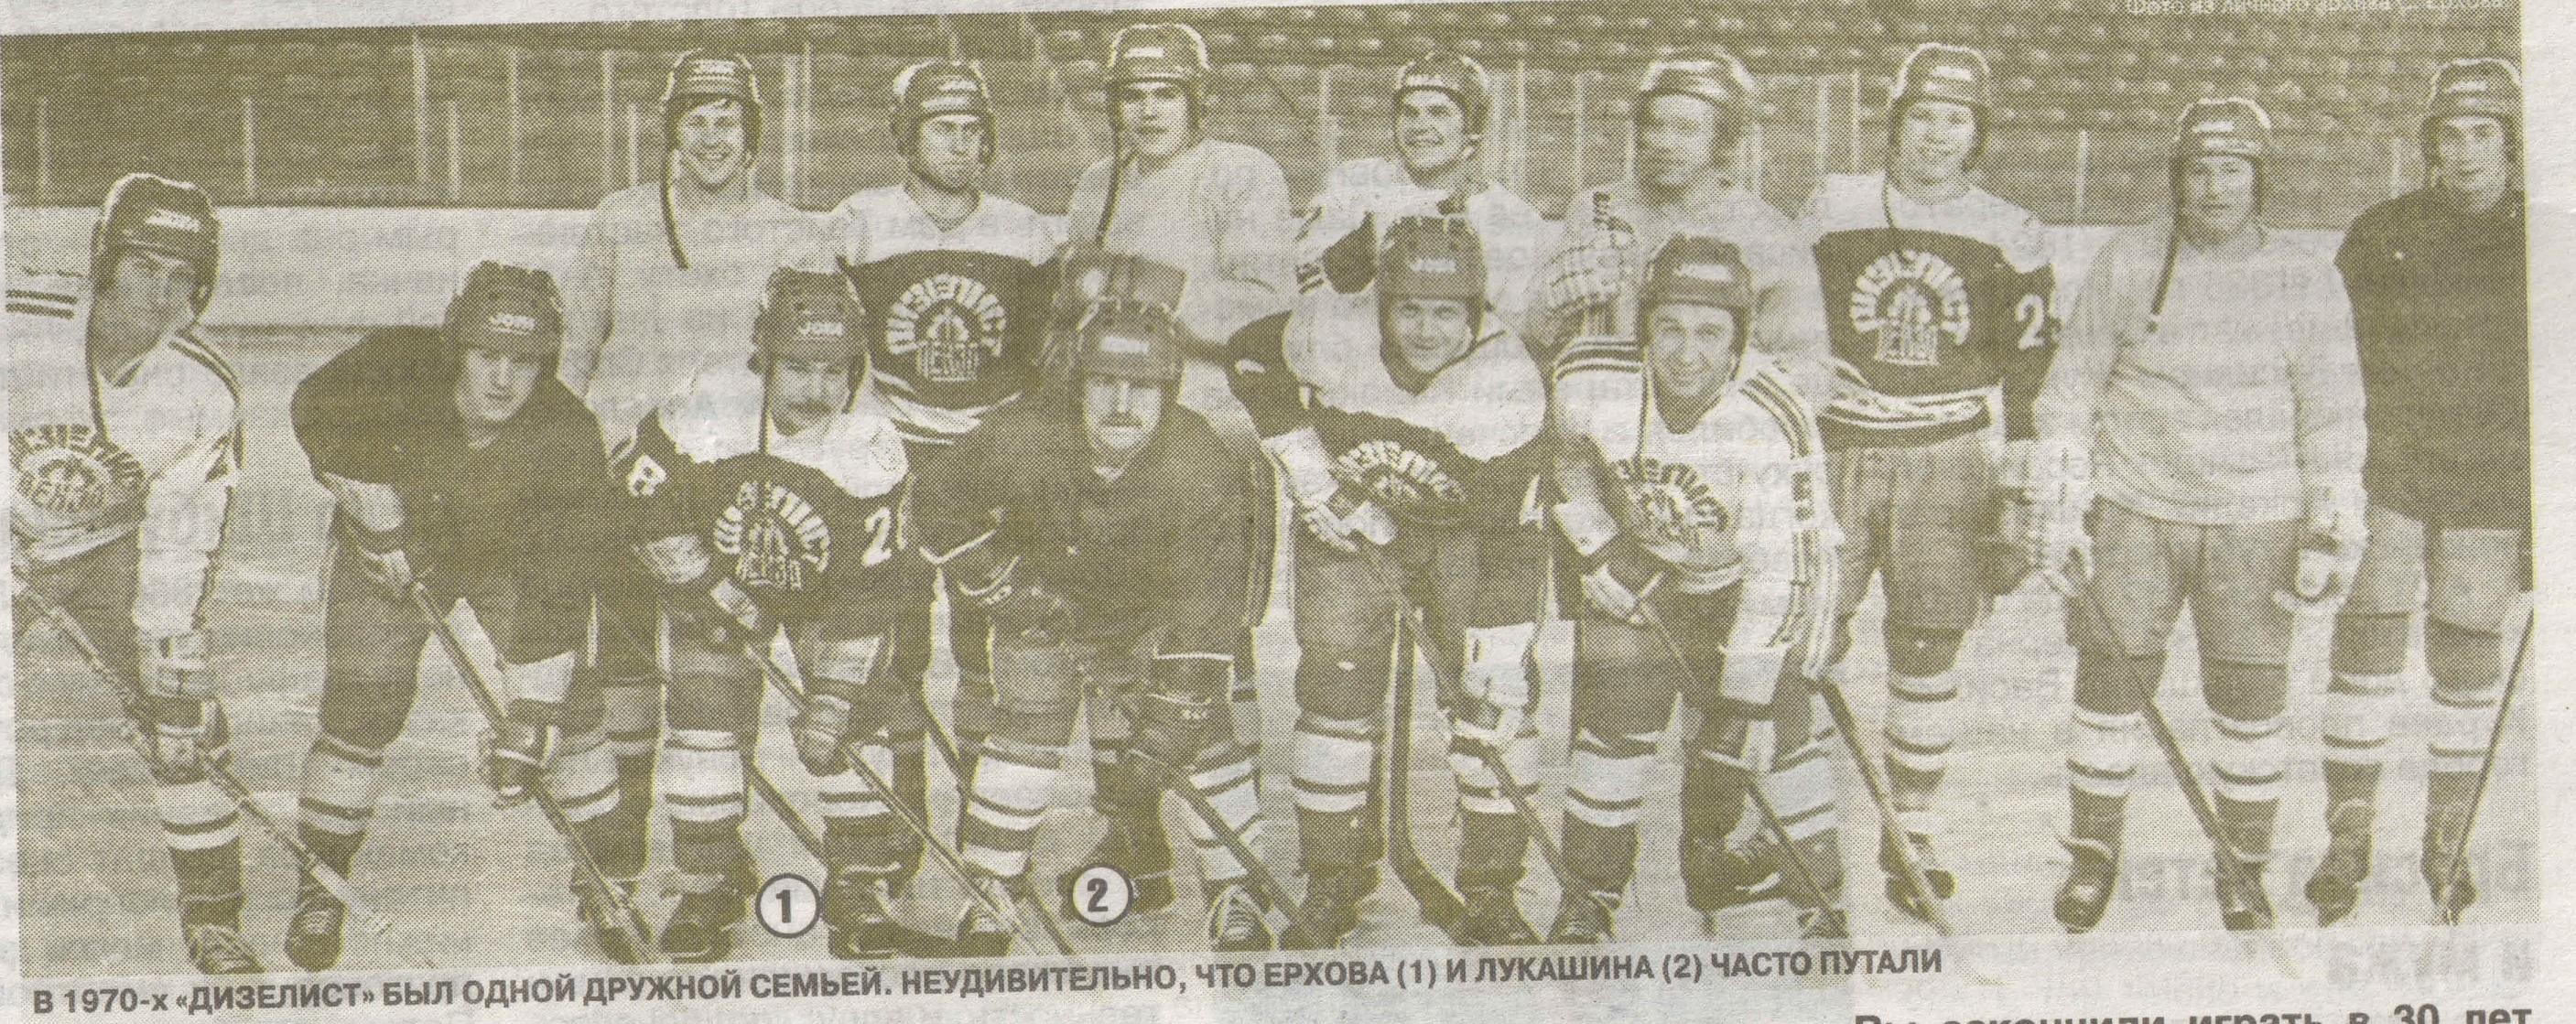 Дизелист - 1981-82.jpg